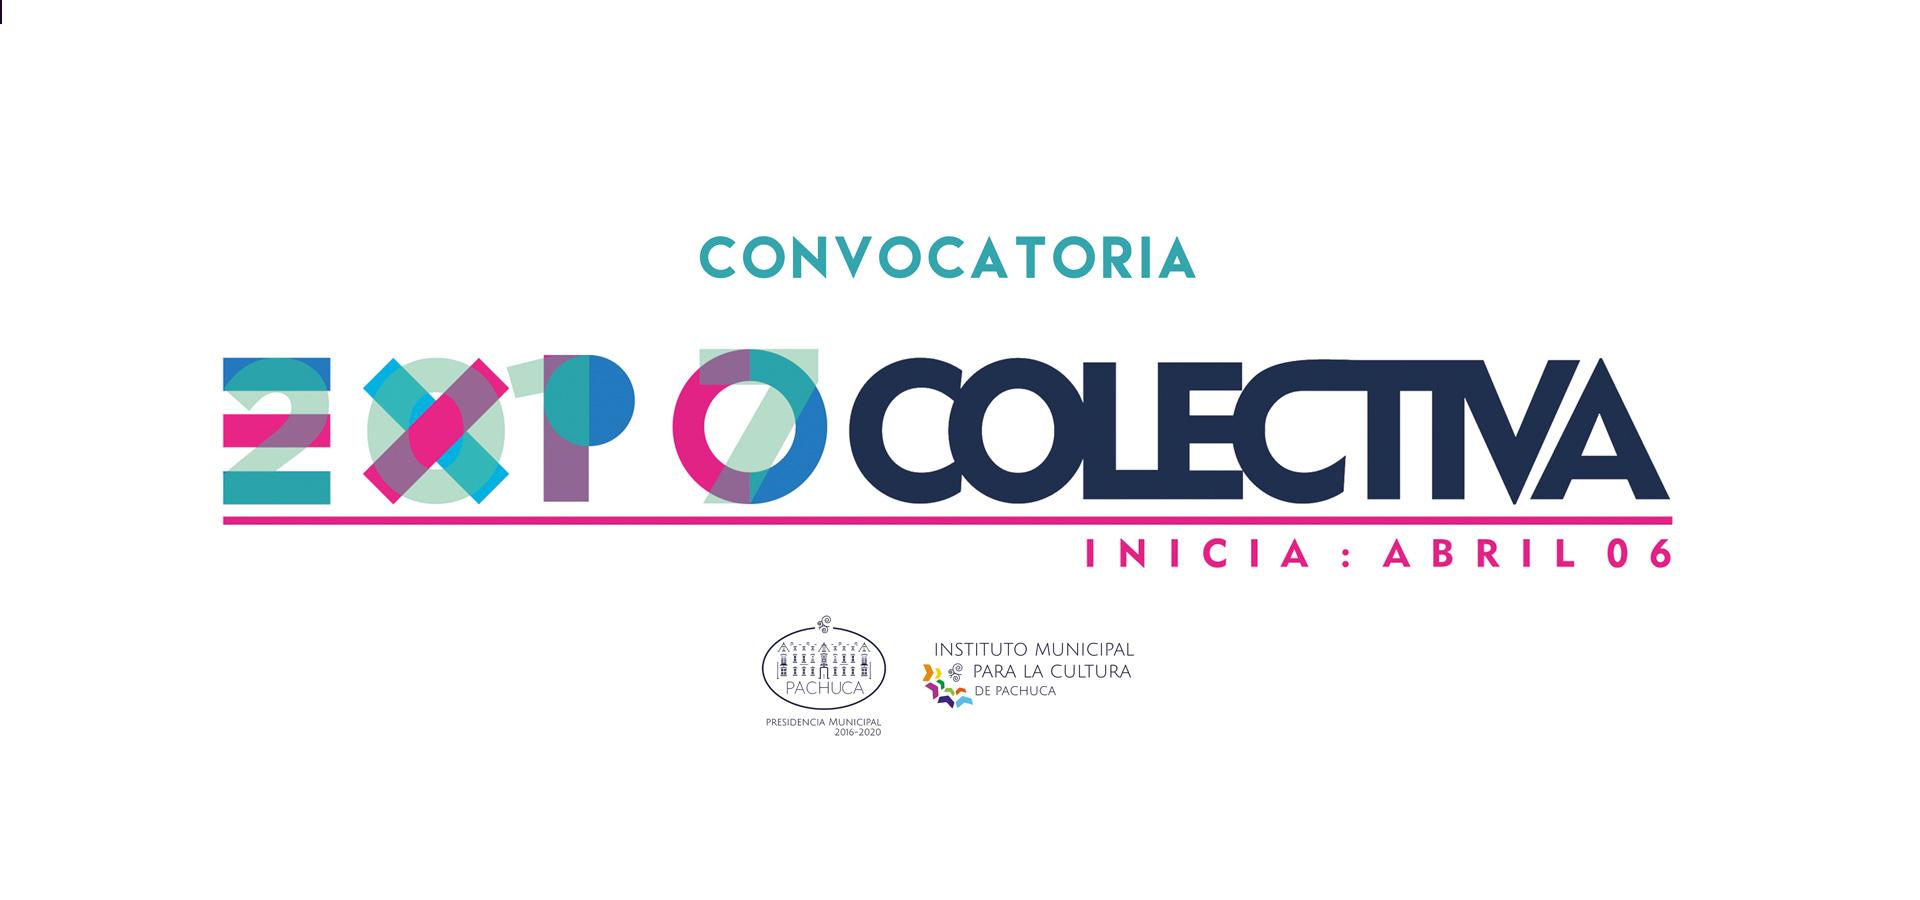 Convocatoria | Exposición colectiva del Instituto Municipal para la Cultura de Pachuca